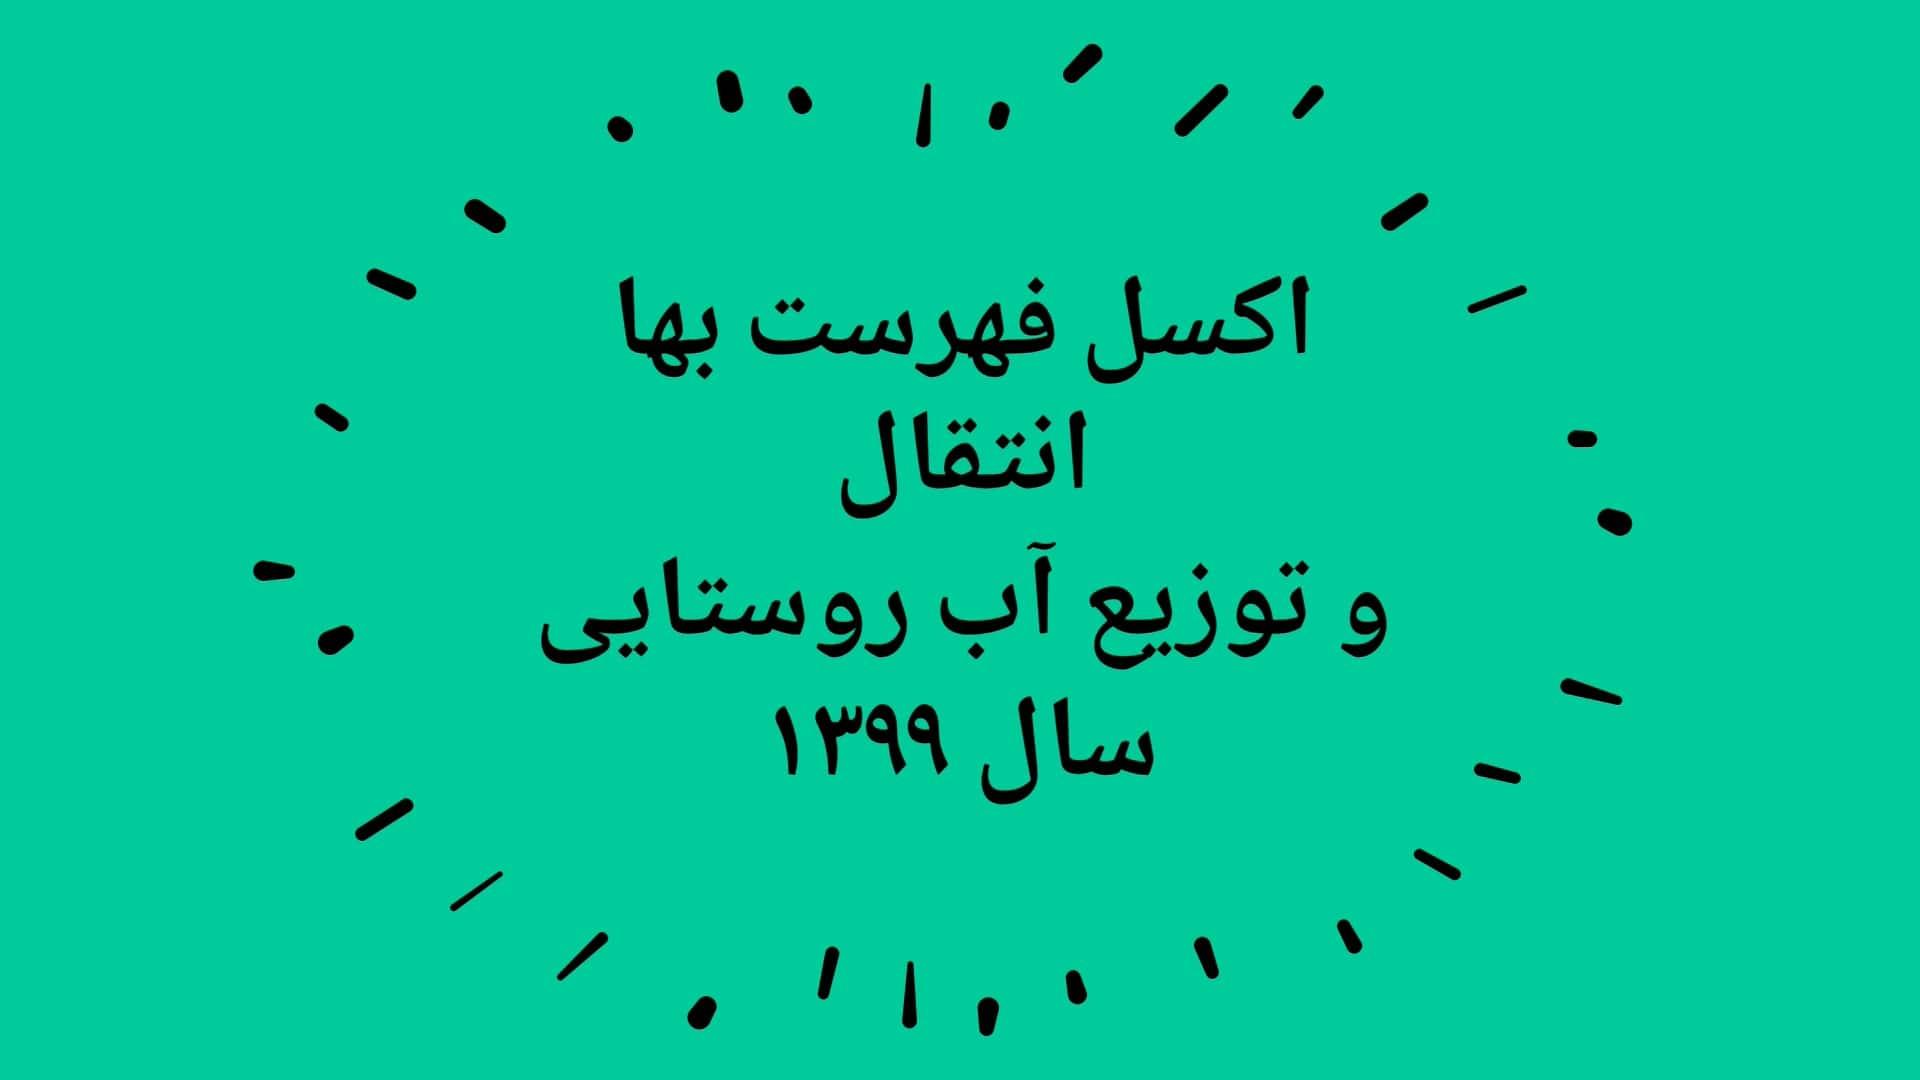 اکسل فهرست بها انتقال و توزیع آب روستایی سال 1399